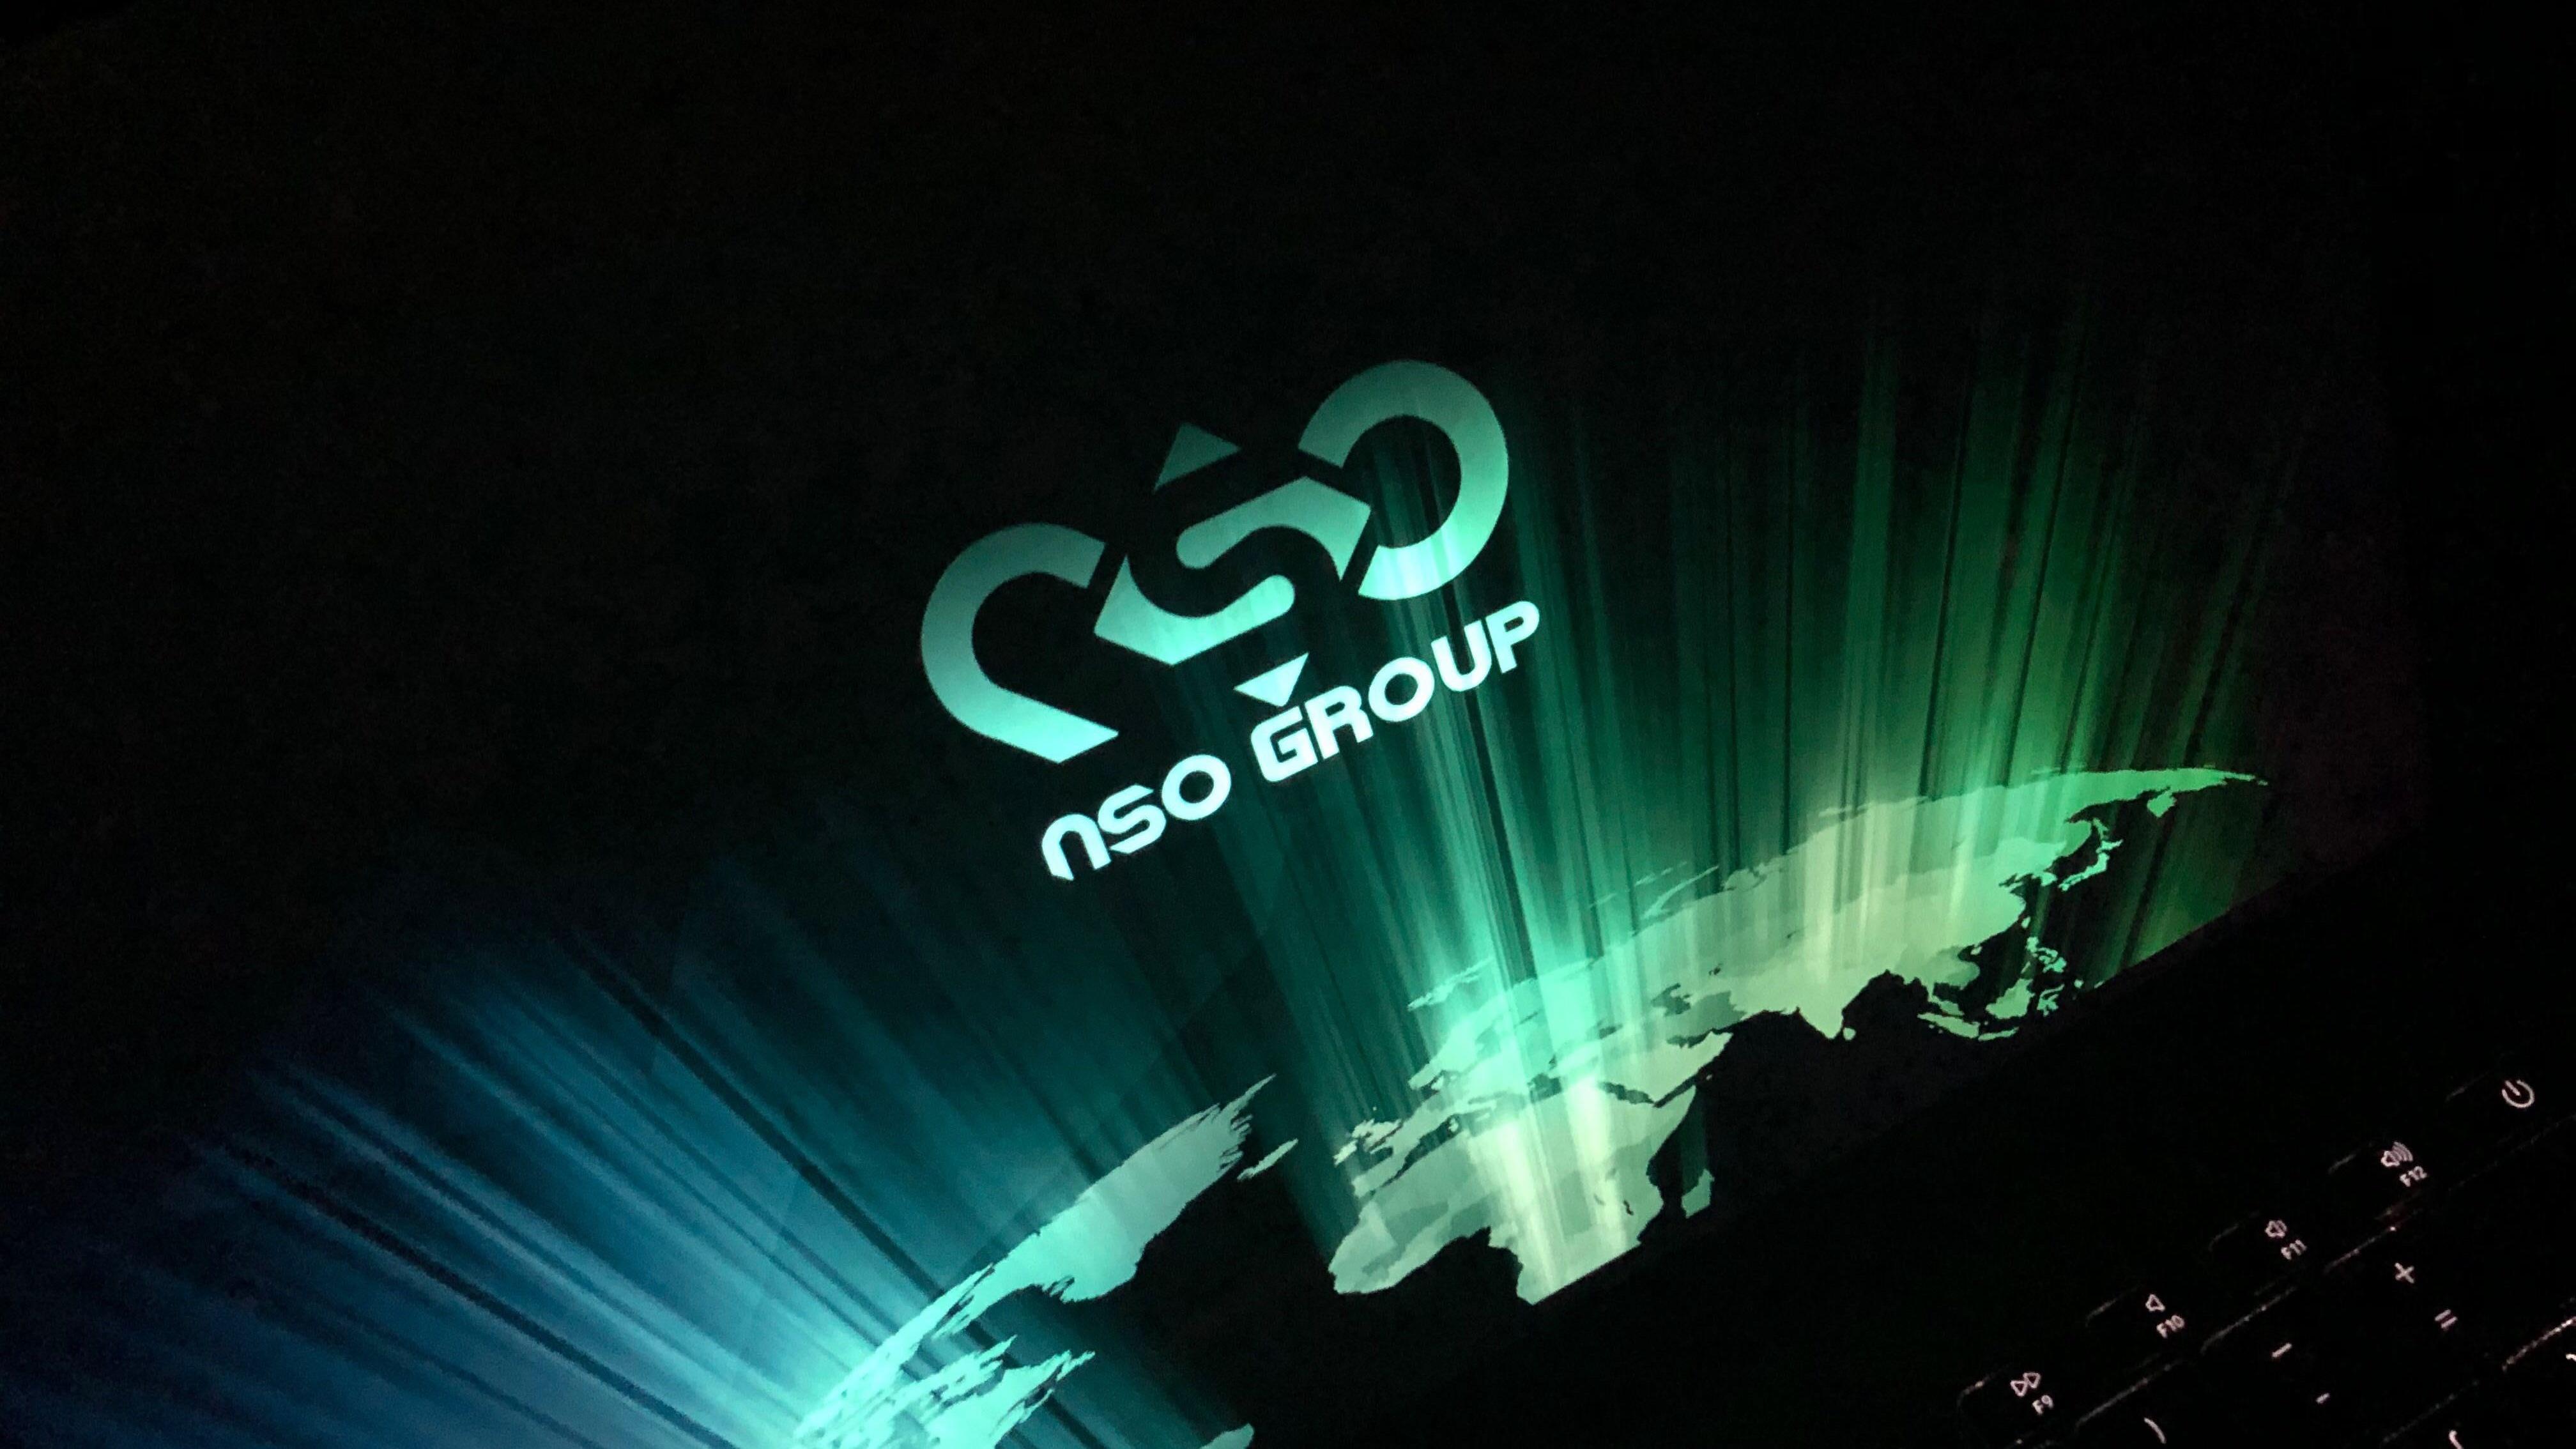 NSO Group продает шпионское ПО странам Персидского залива